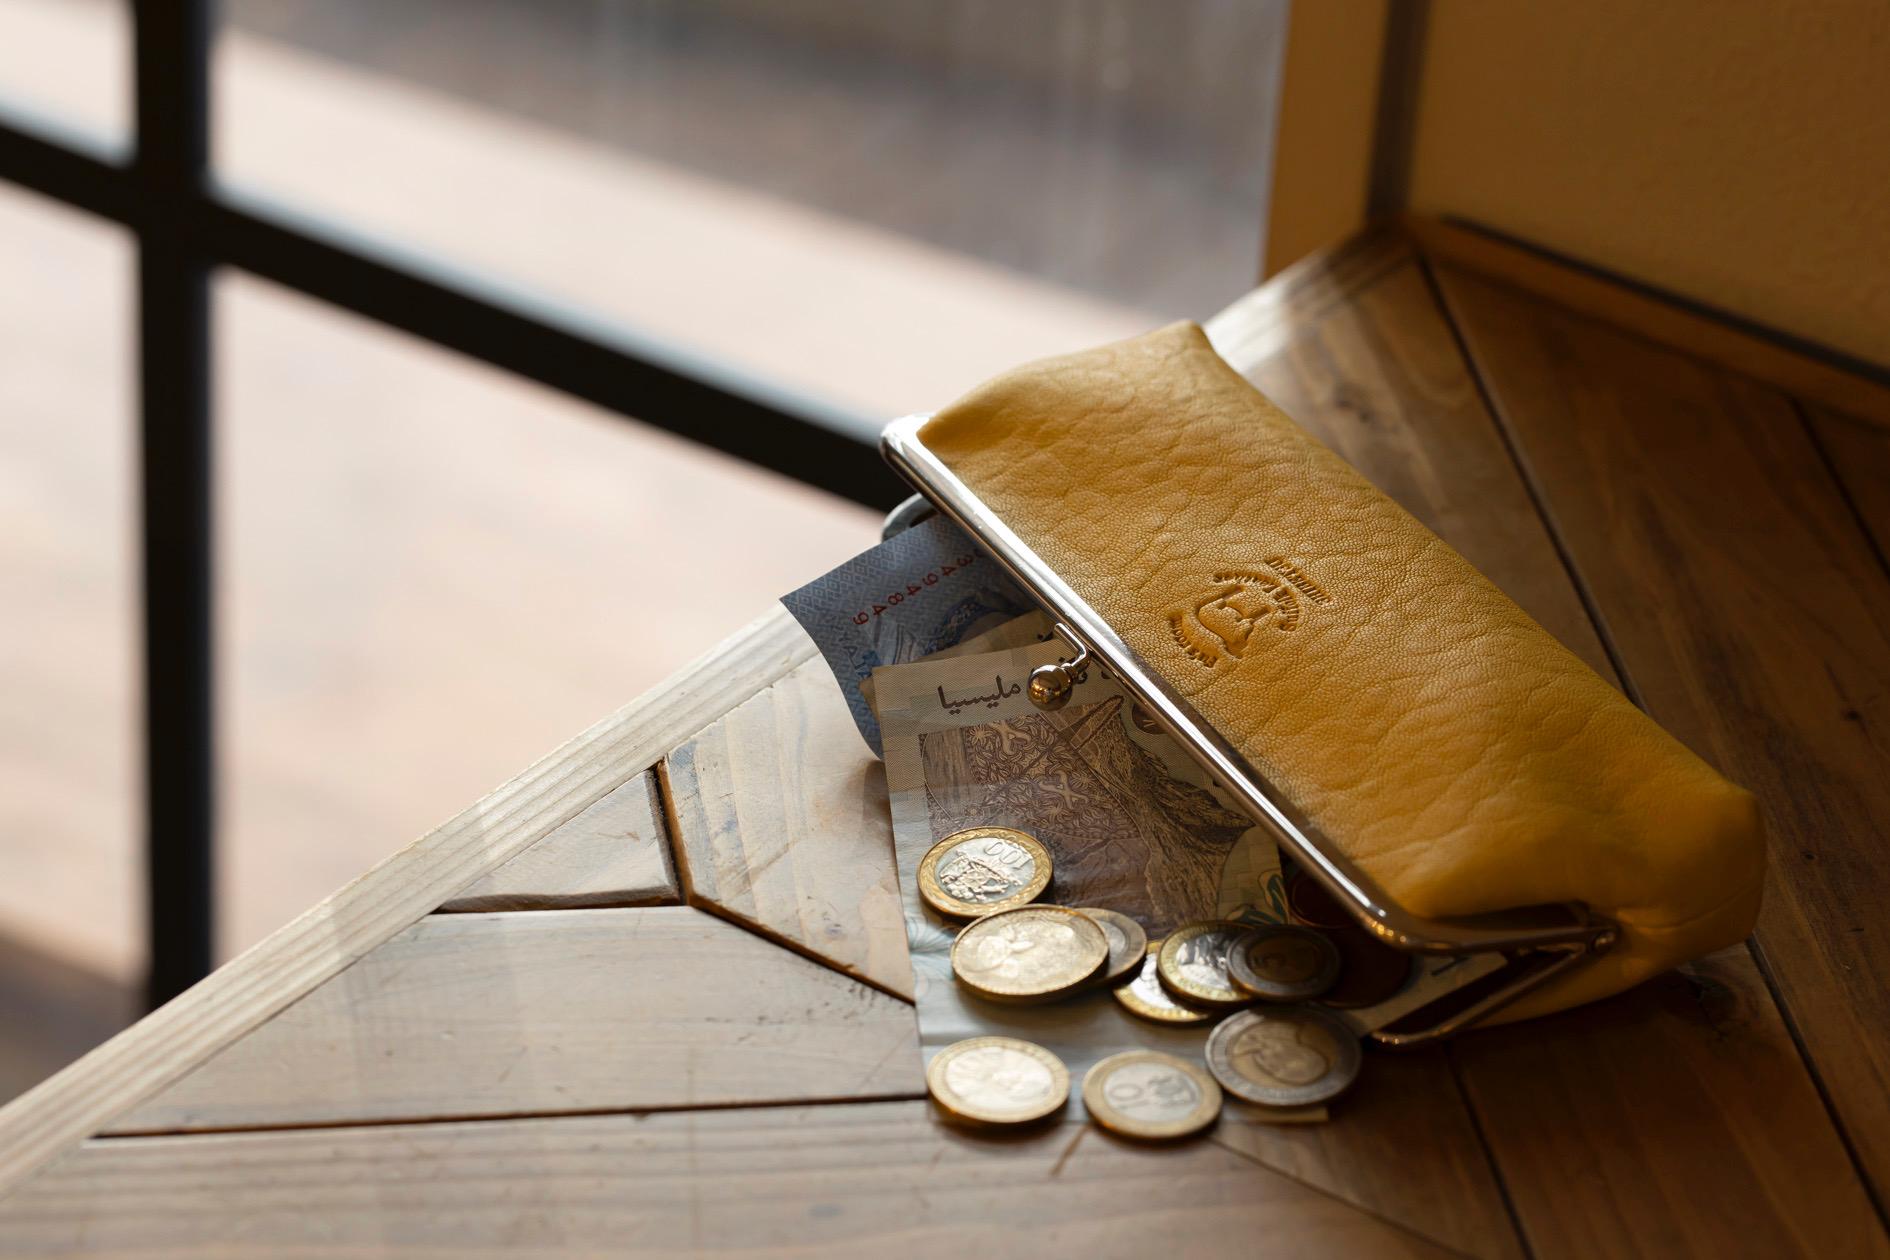 テーブルの上に置いたFu's roomのサフォークレザーのがま口とお札とコイン